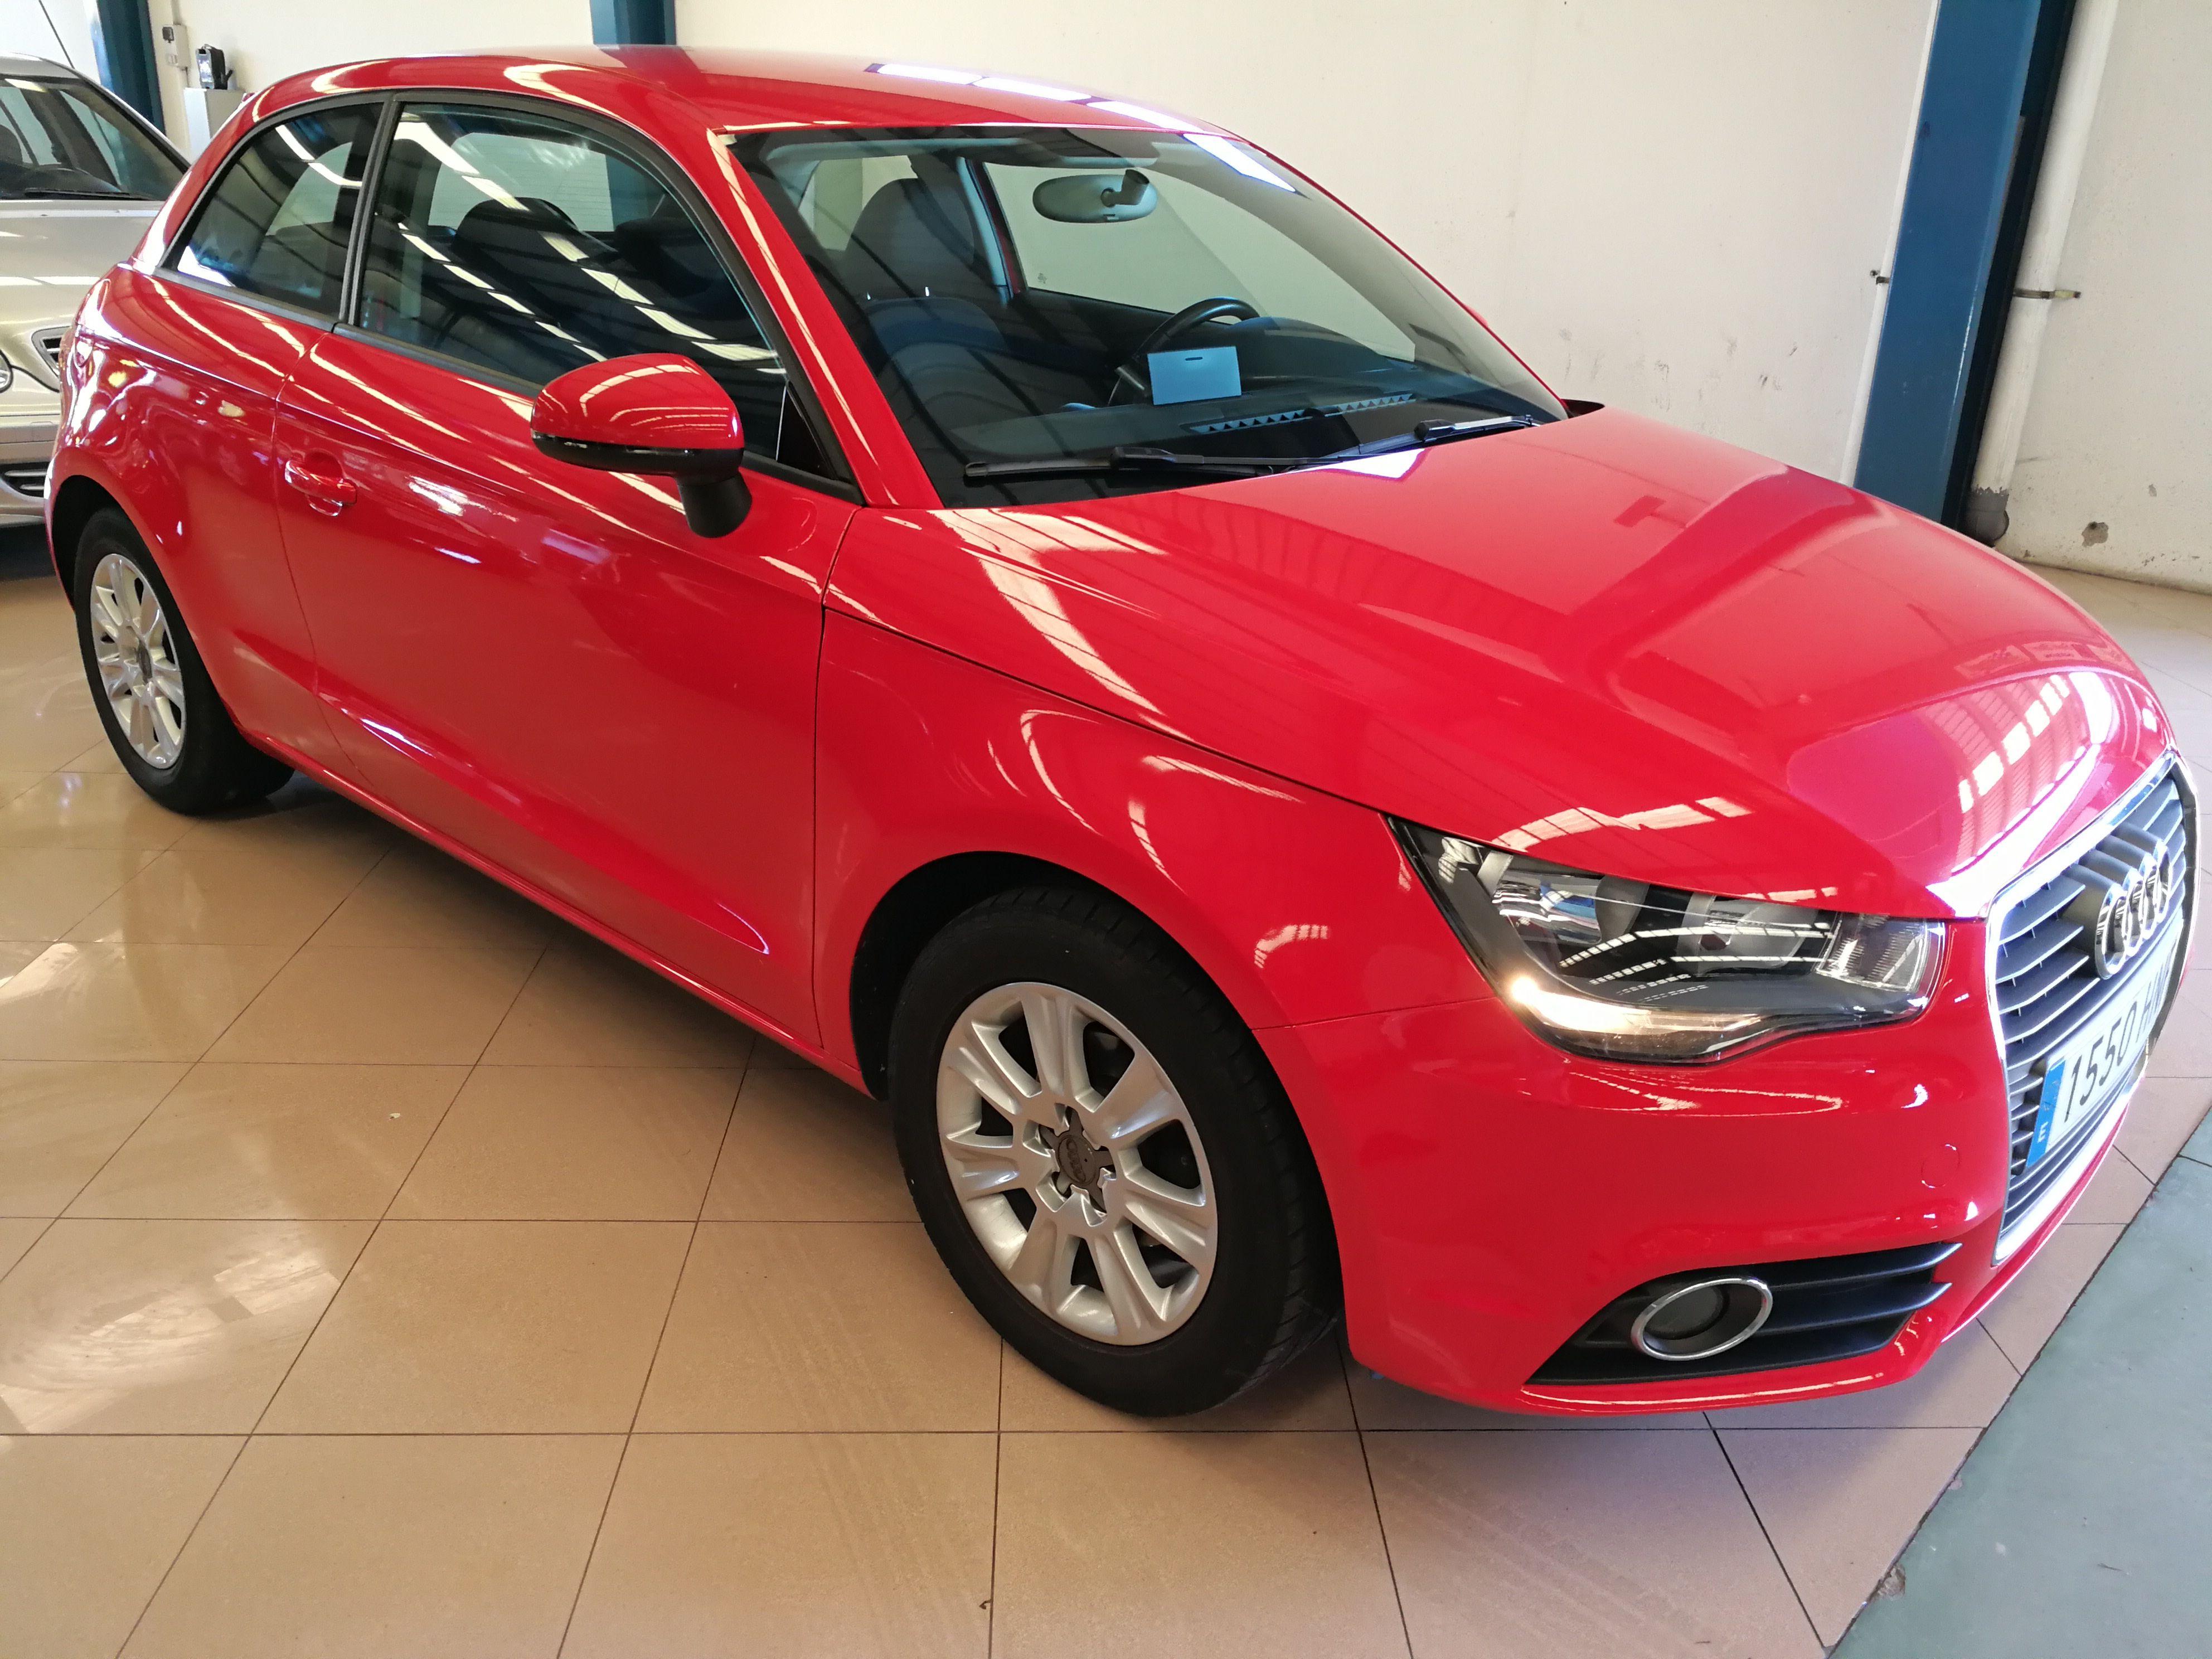 AUDI A1 1.6 TDI 90cv Attraction (1550-HNF): Servicios Peugeot de Senra Sport